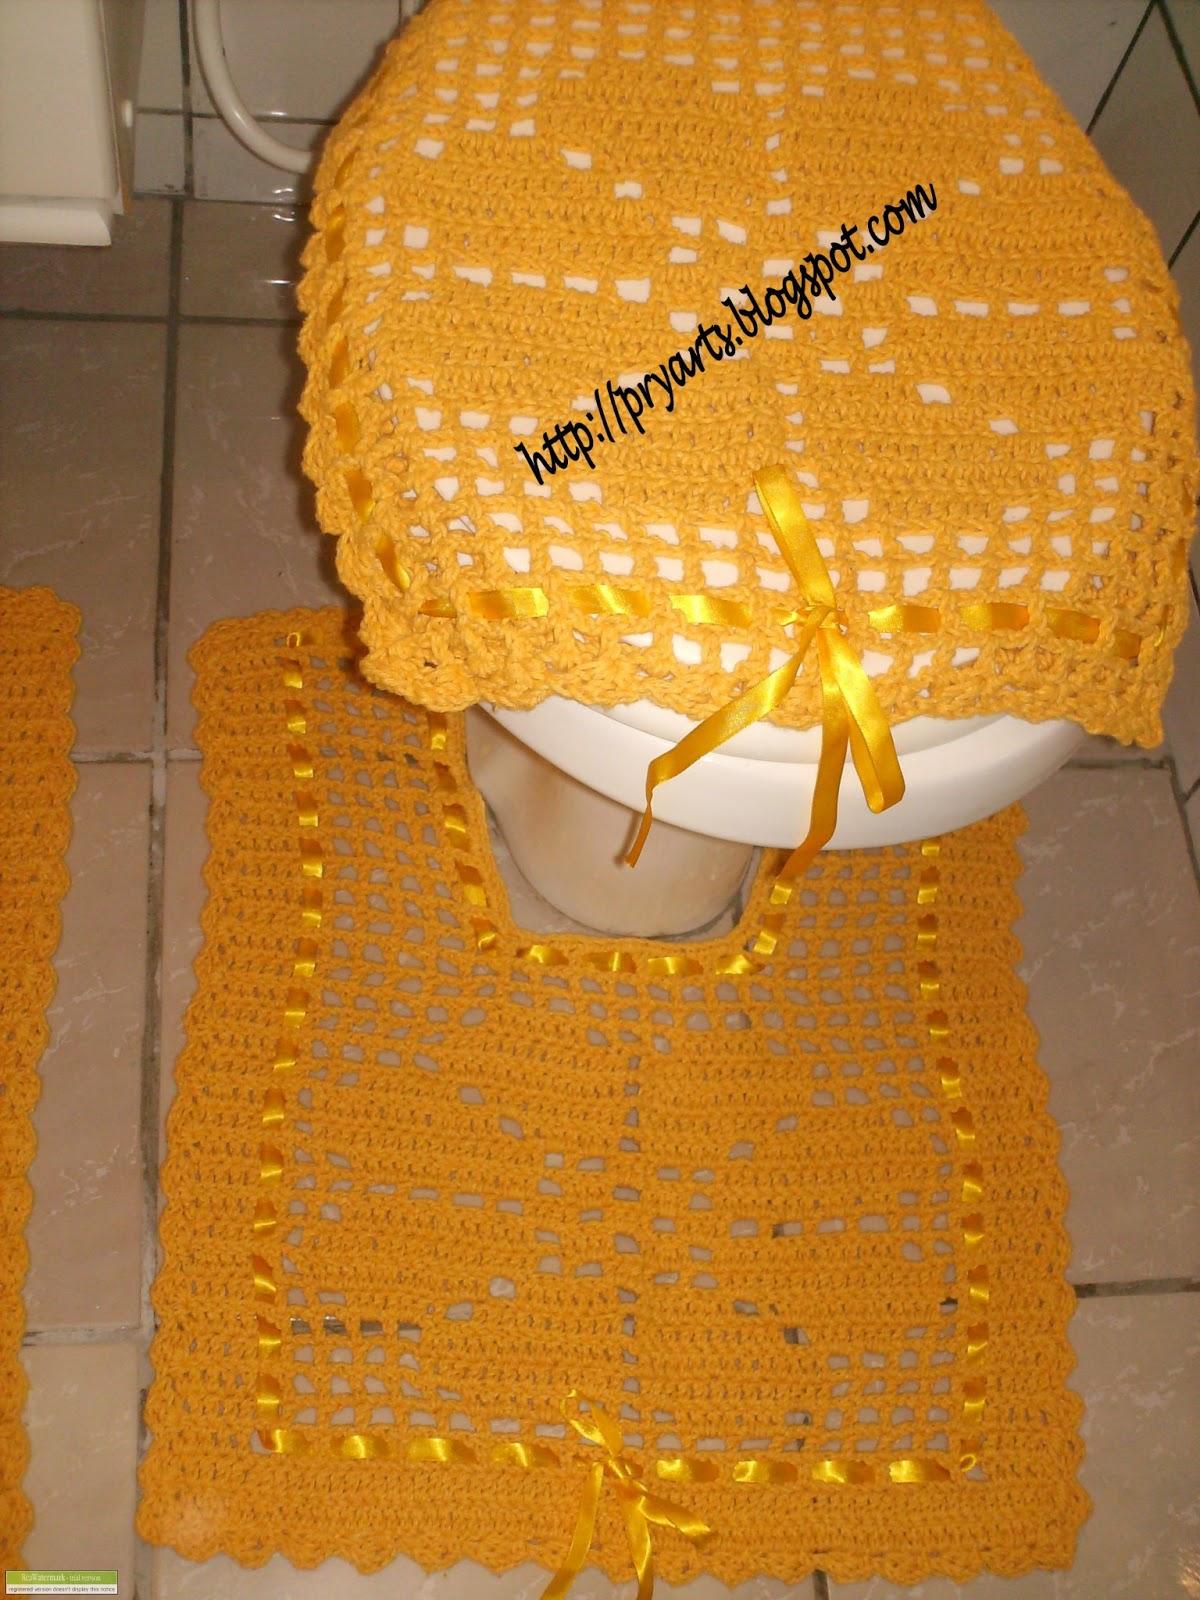 Jogo De Banheiro Amarelo Com Vermelho : Pry art s mais jogos de banheiro